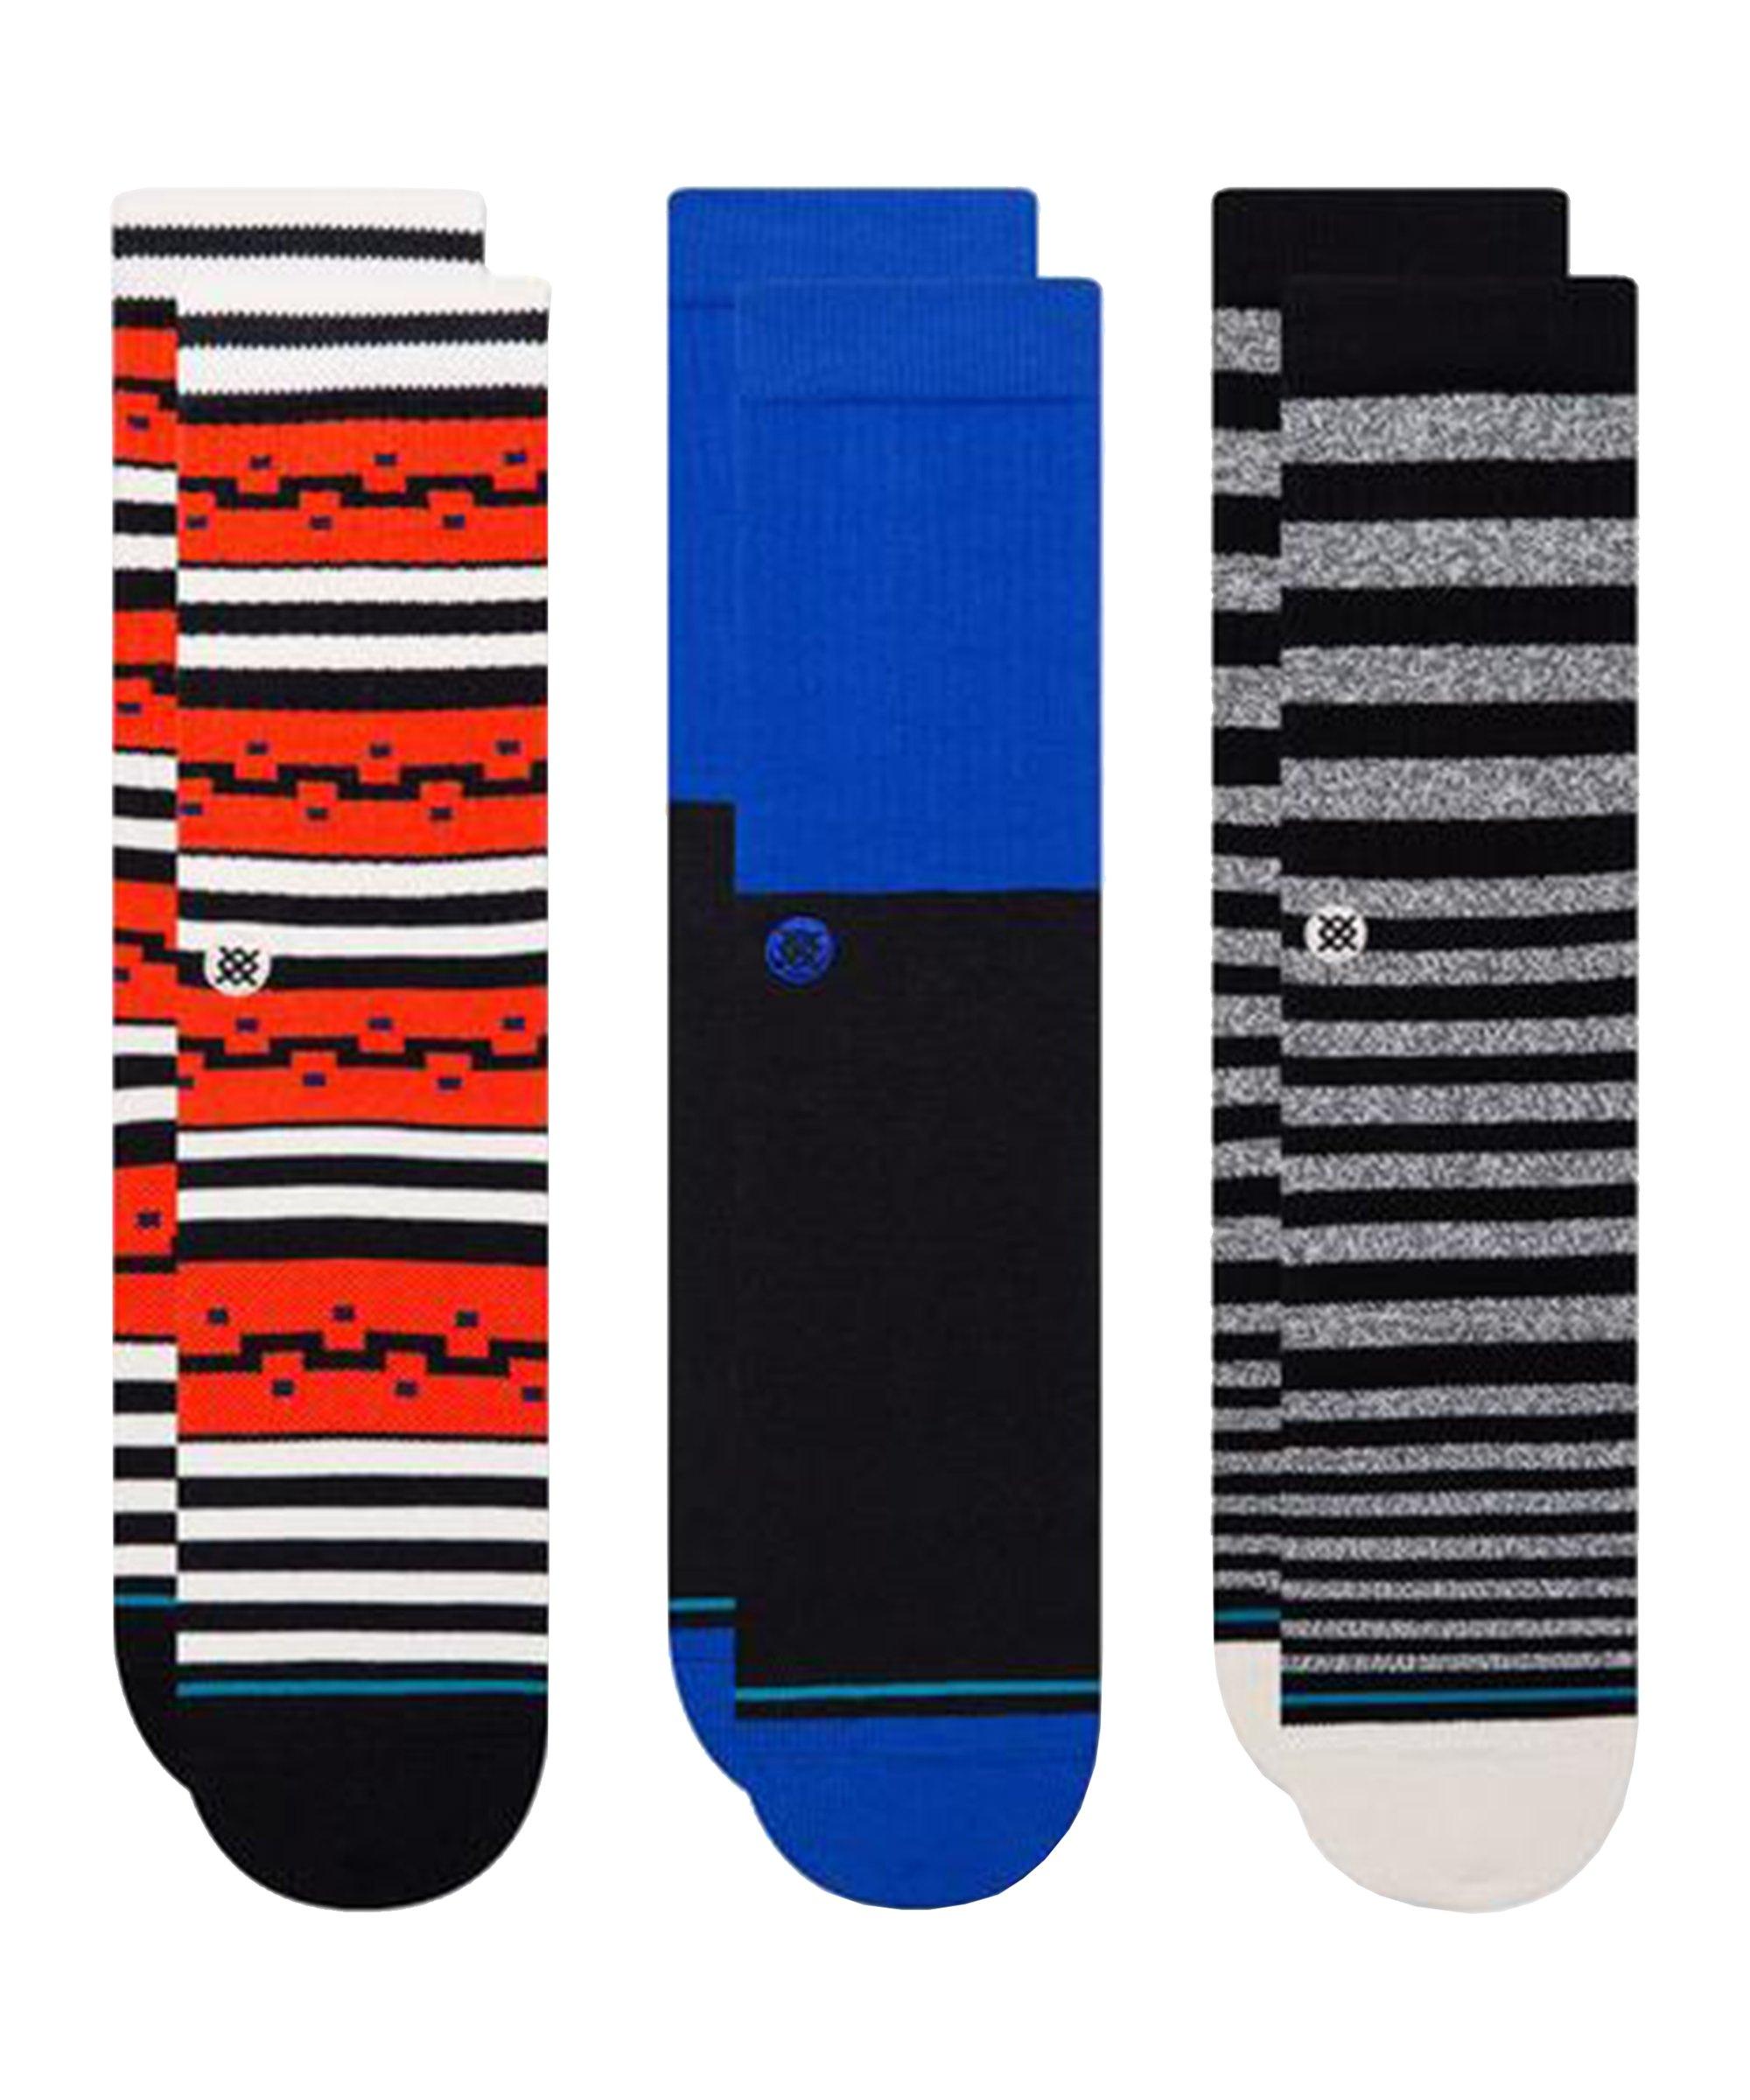 Stance Irwin 3er Pack Socken Multi - rot